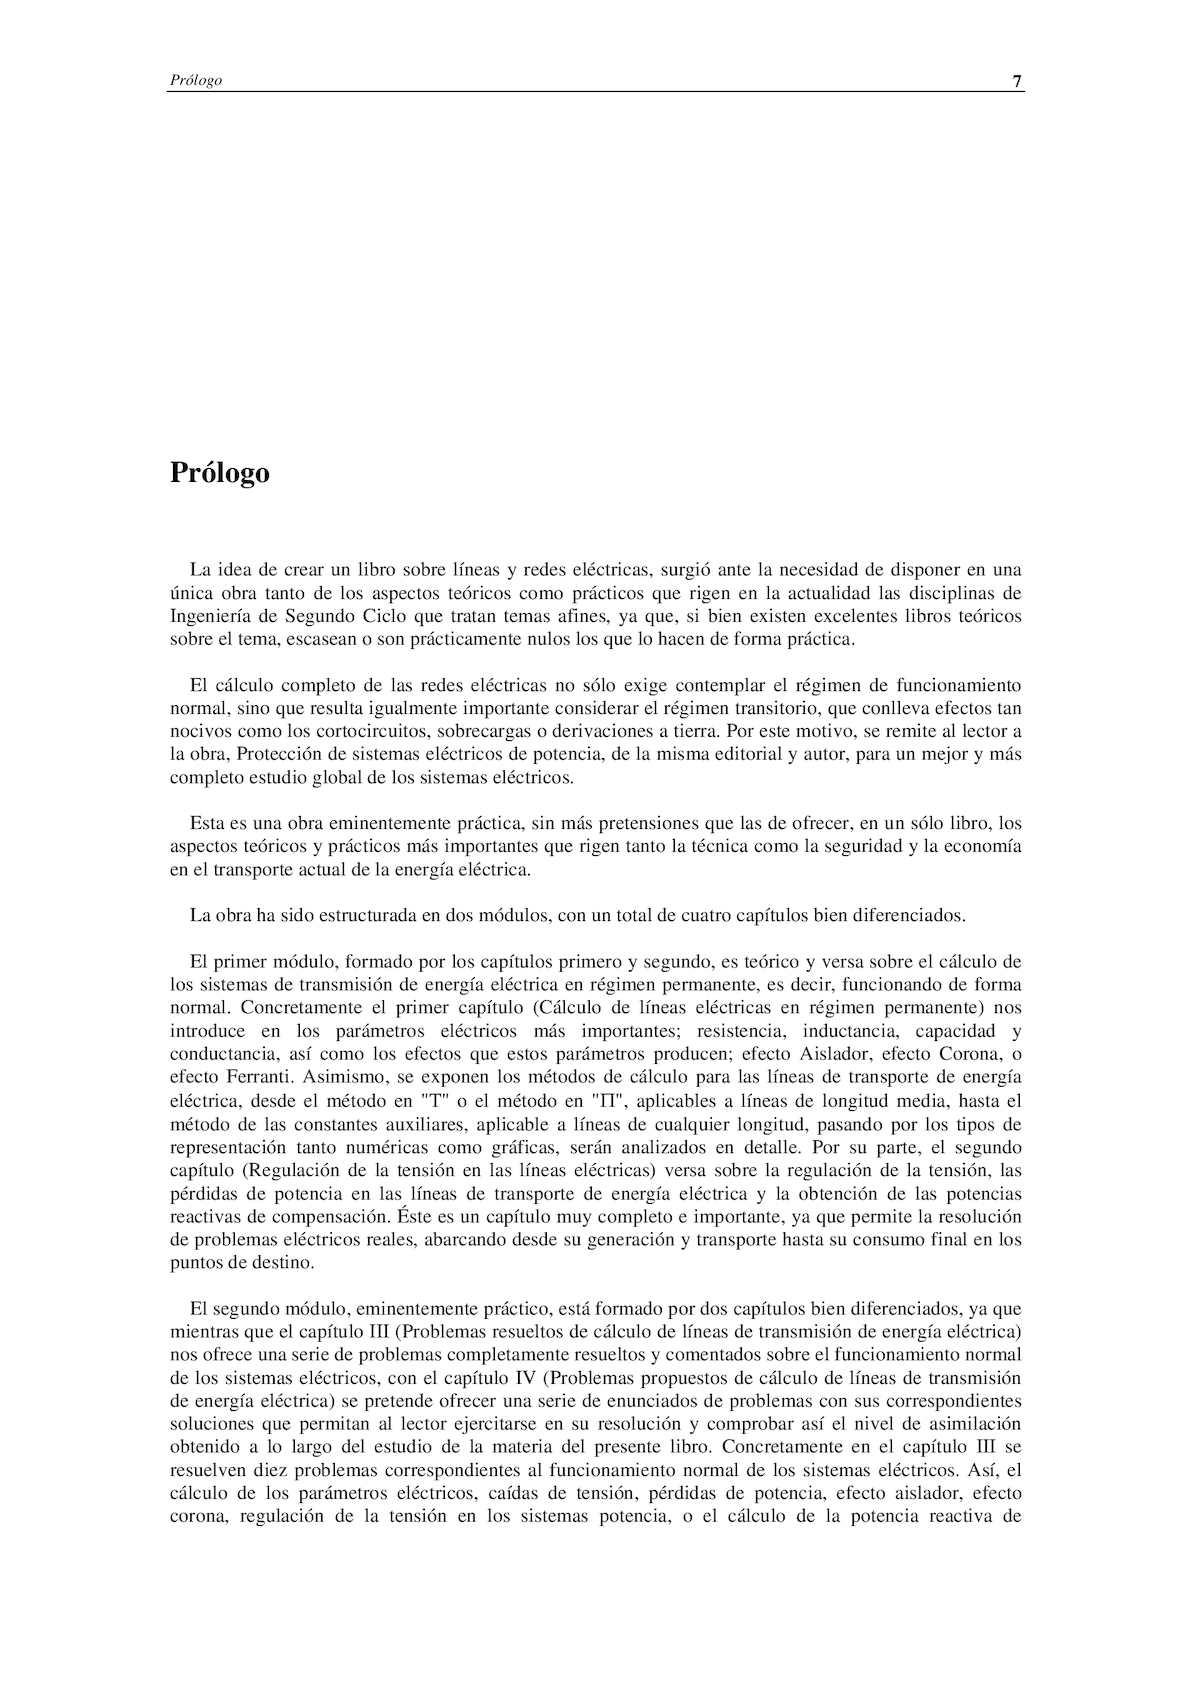 Calculo de Lineas y Redes Electricas - VAF